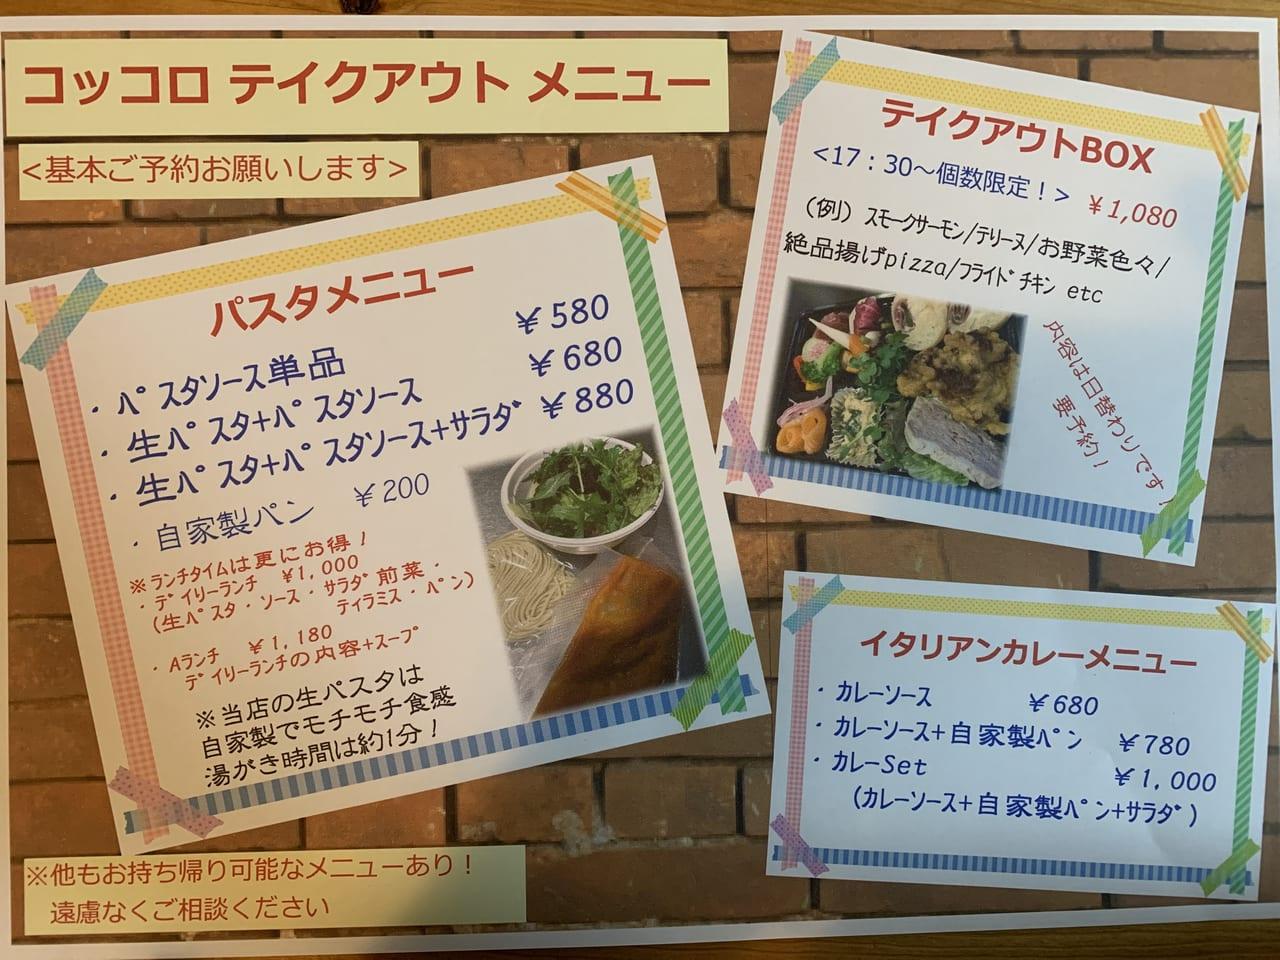 【東大阪市】本格イタリアンのランチセットを丸ごとお持ち帰り?!イタリア料理『コッコロ』がテイクアウト...